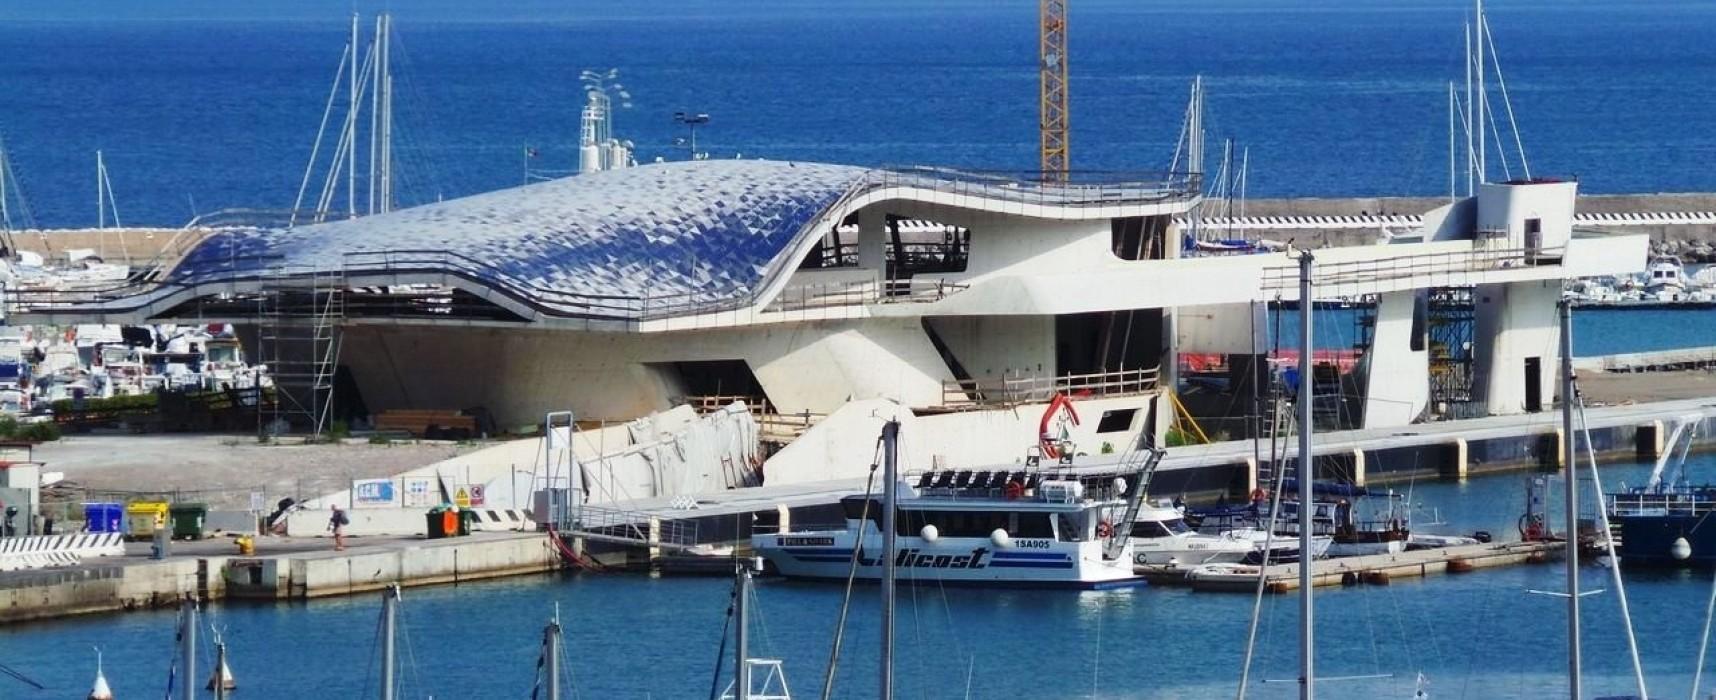 Marina d'Arechi, il patto per il mare tra le eccellenze